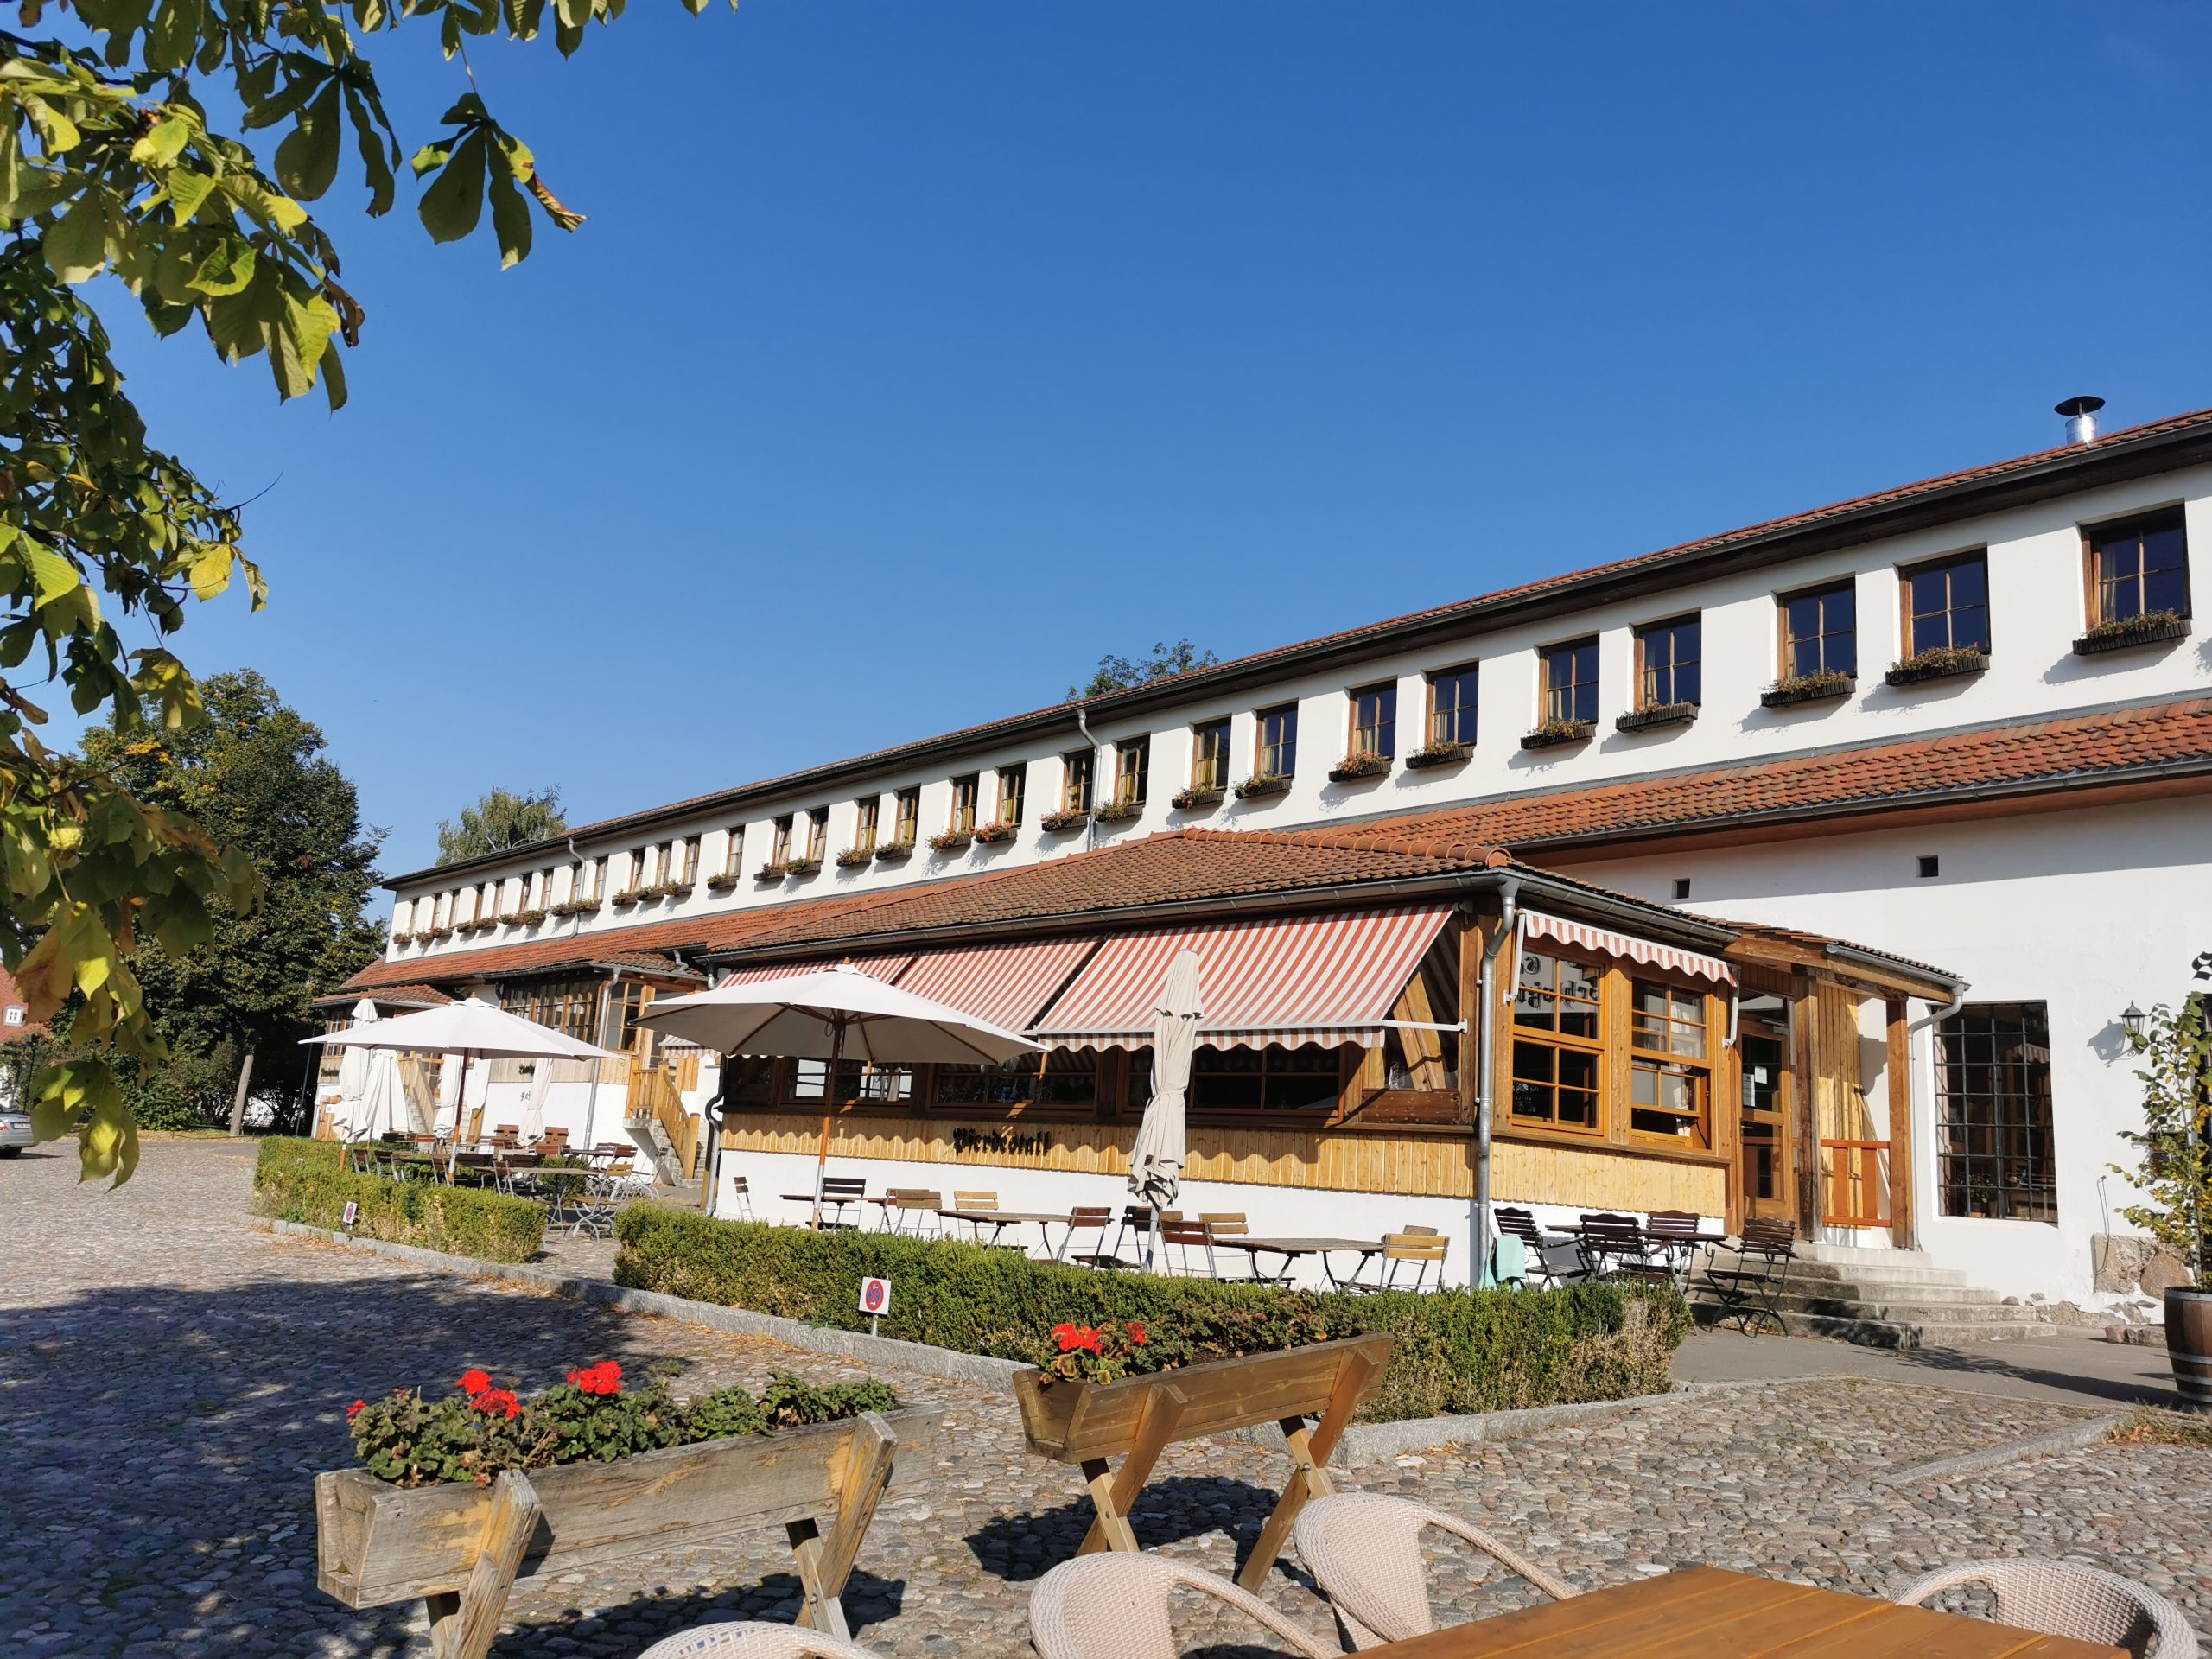 Für holde Prinzessinnen und wackere Recken: Ritterfest Schloss Diedersdorf